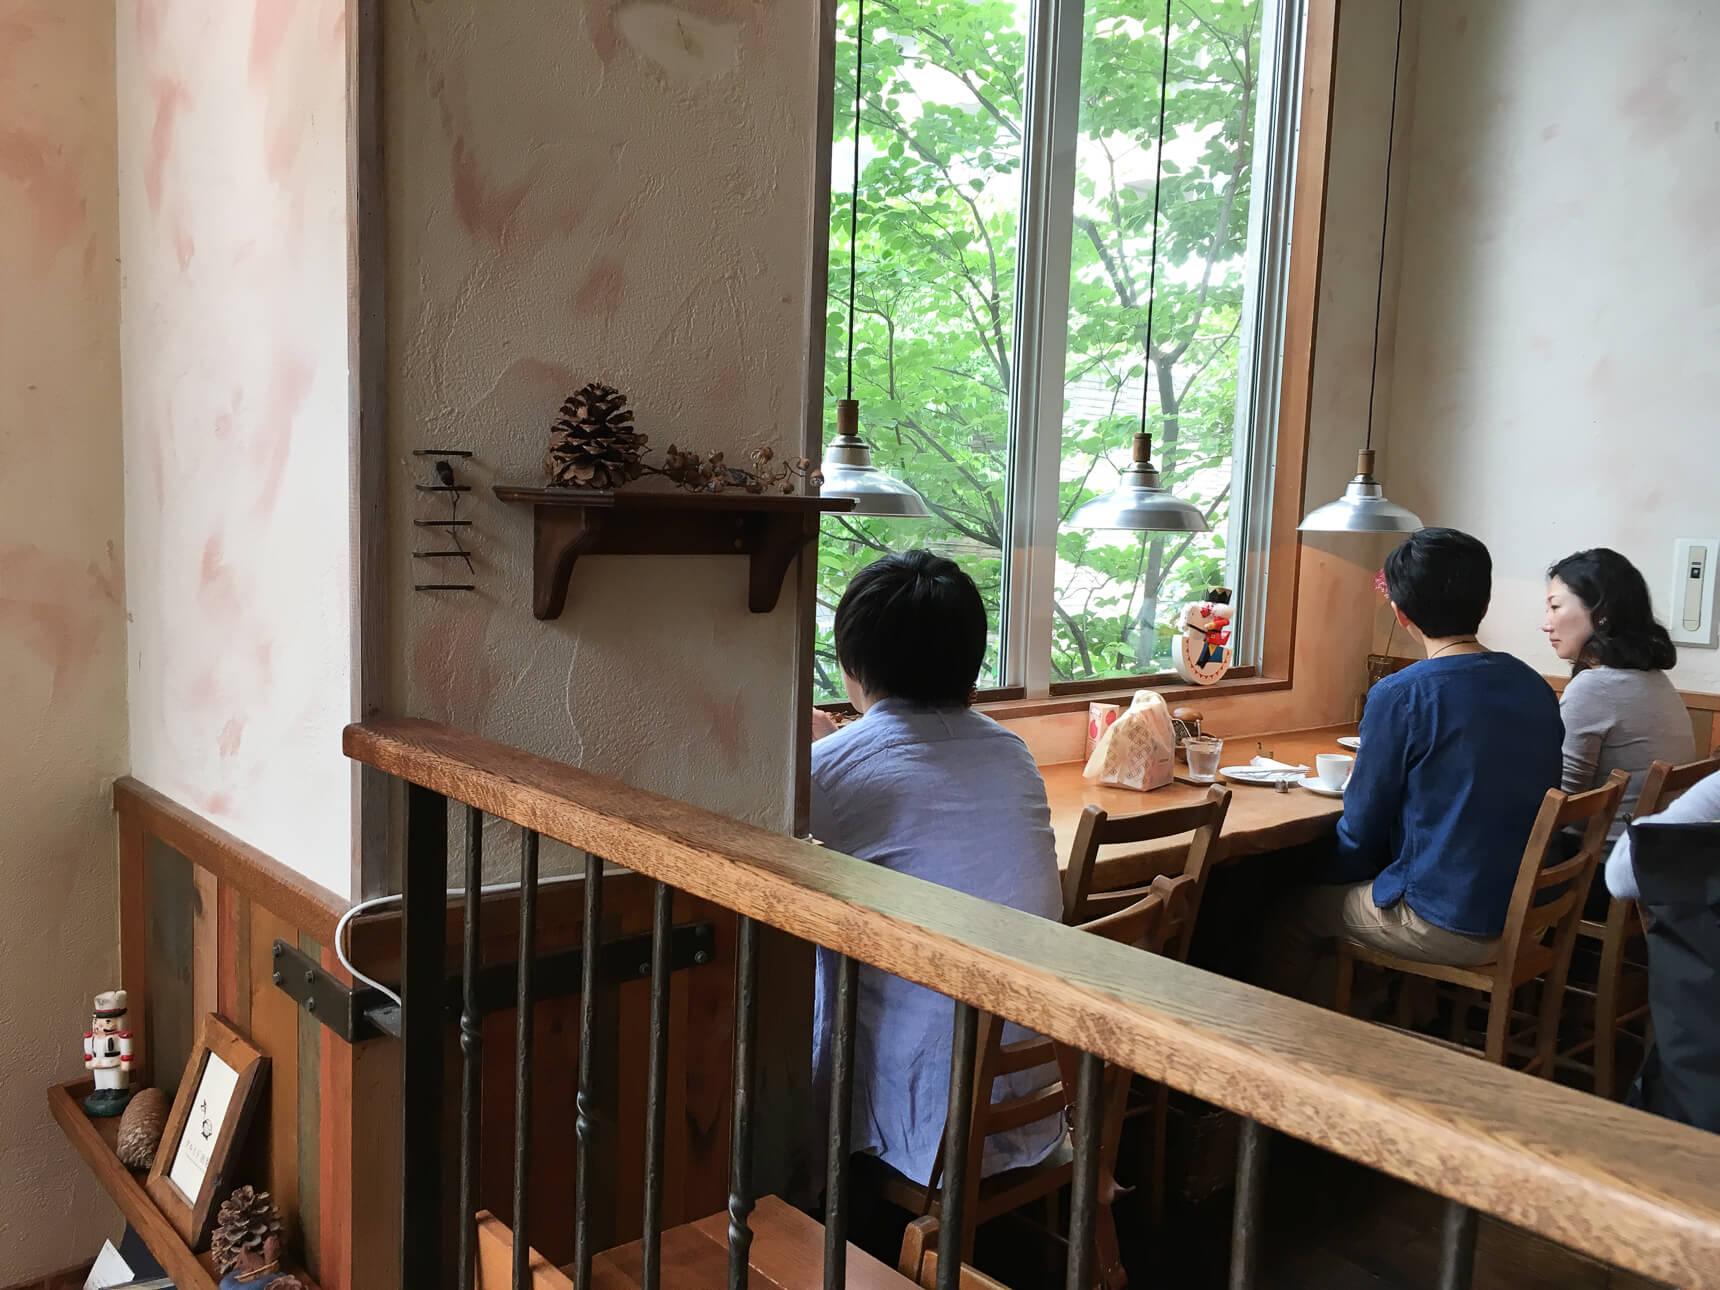 中二階には、木々を見ながらほっとできるカウンター席とテーブル席。